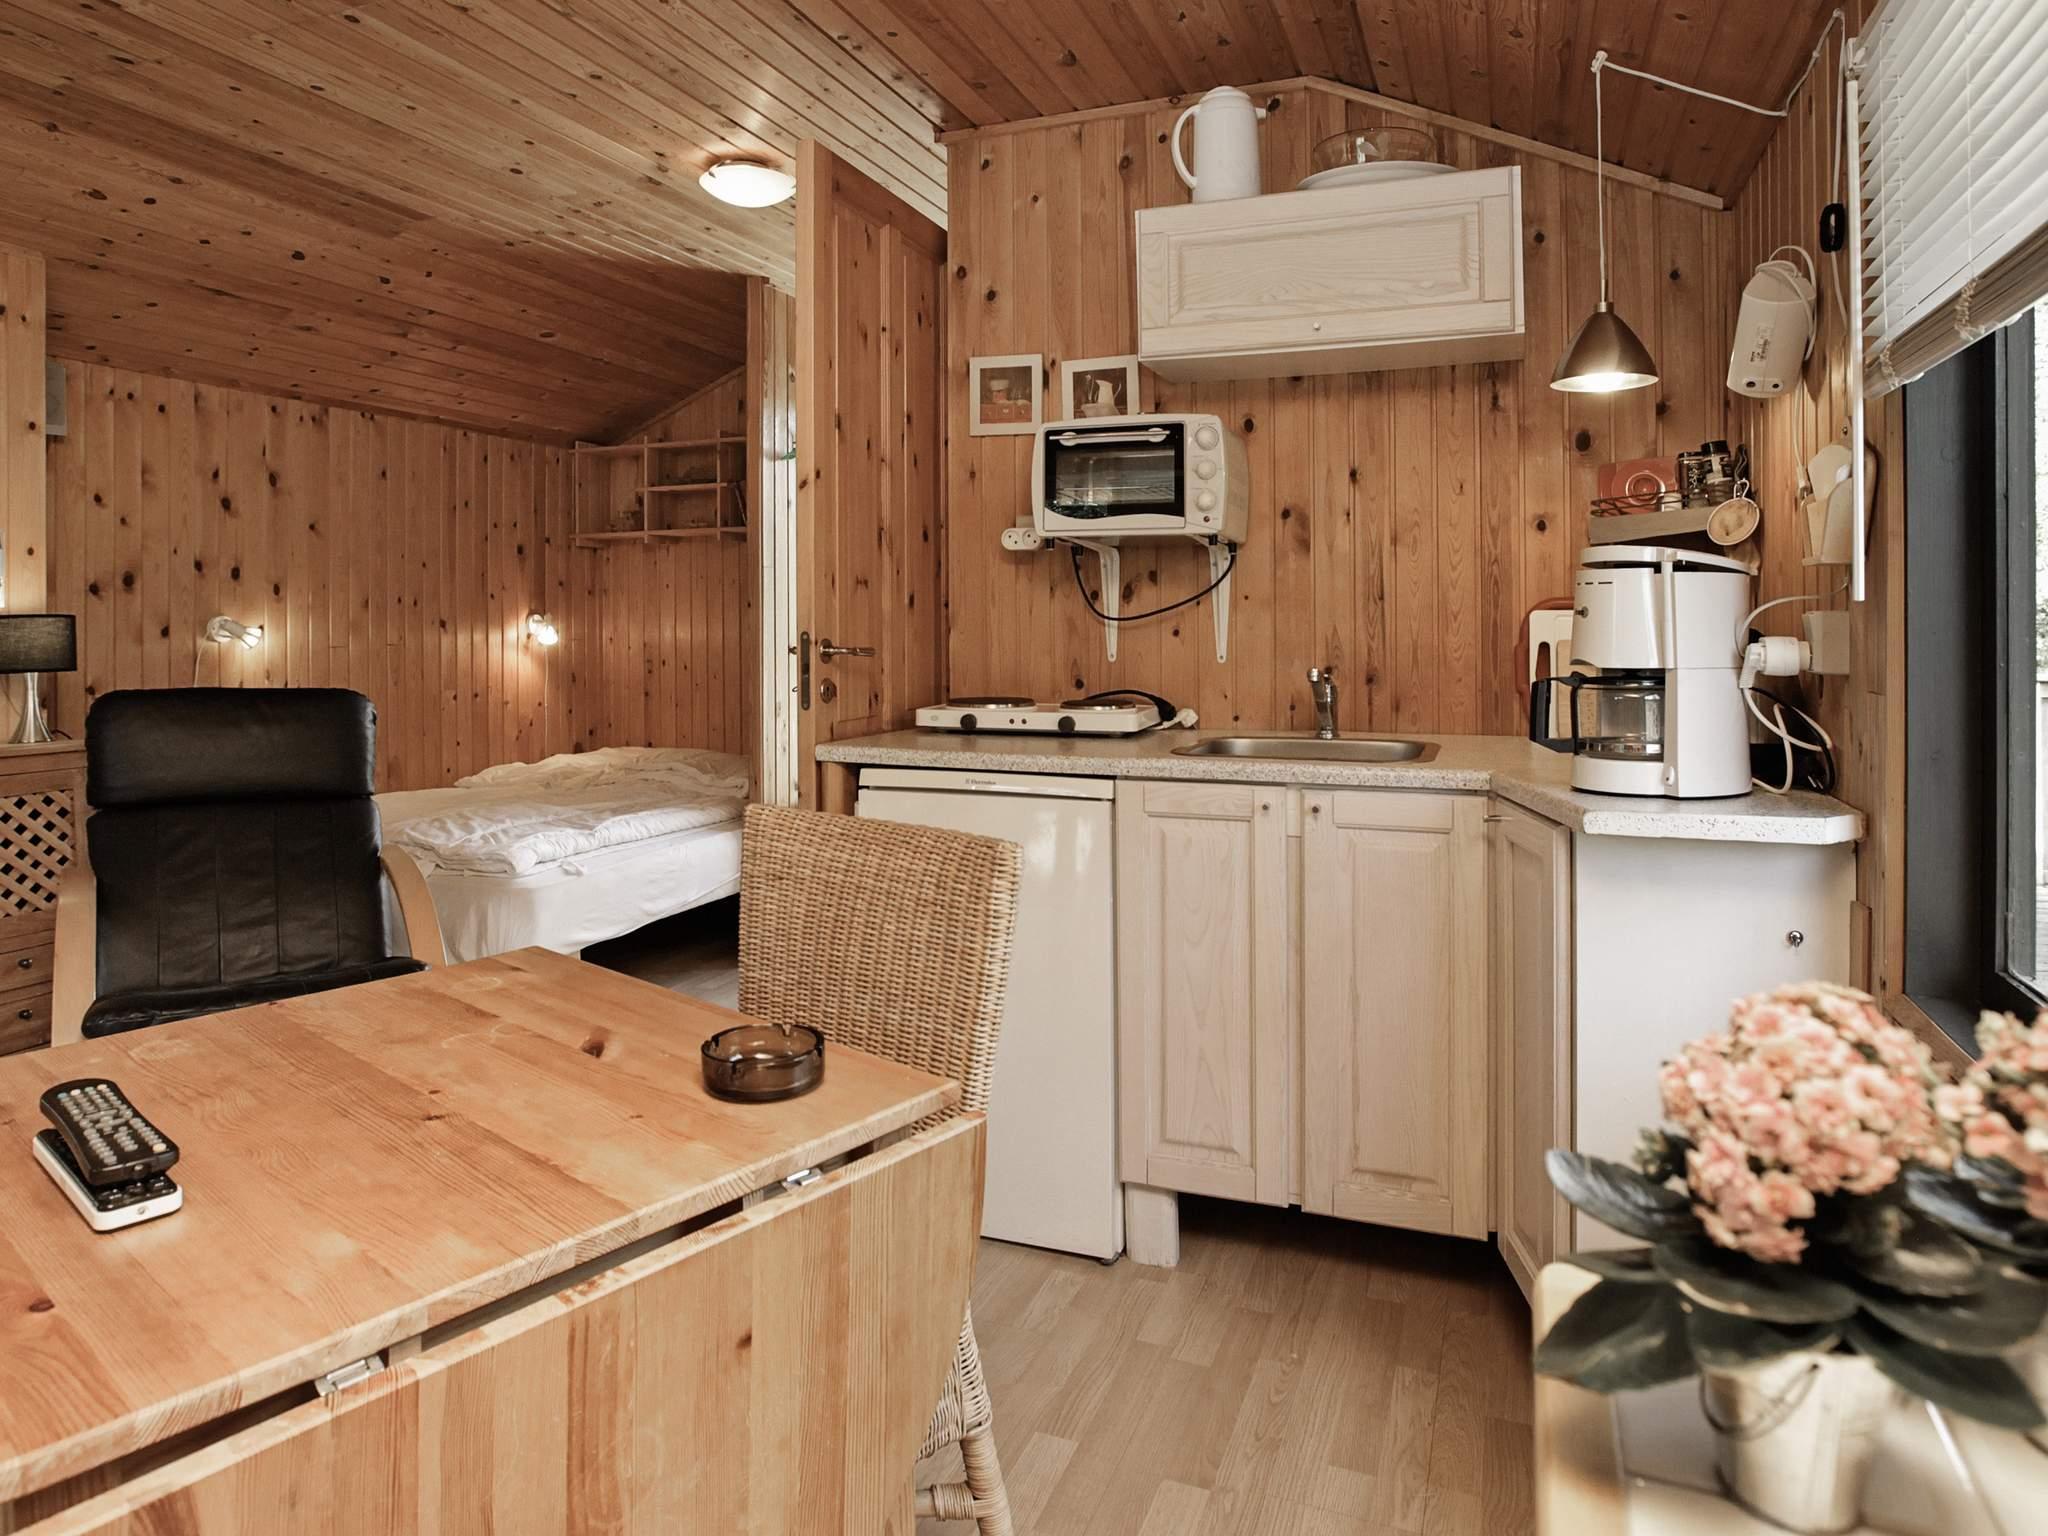 Ferienhaus Hou/Lagunen (84779), Hou, , Nordostjütland, Dänemark, Bild 4